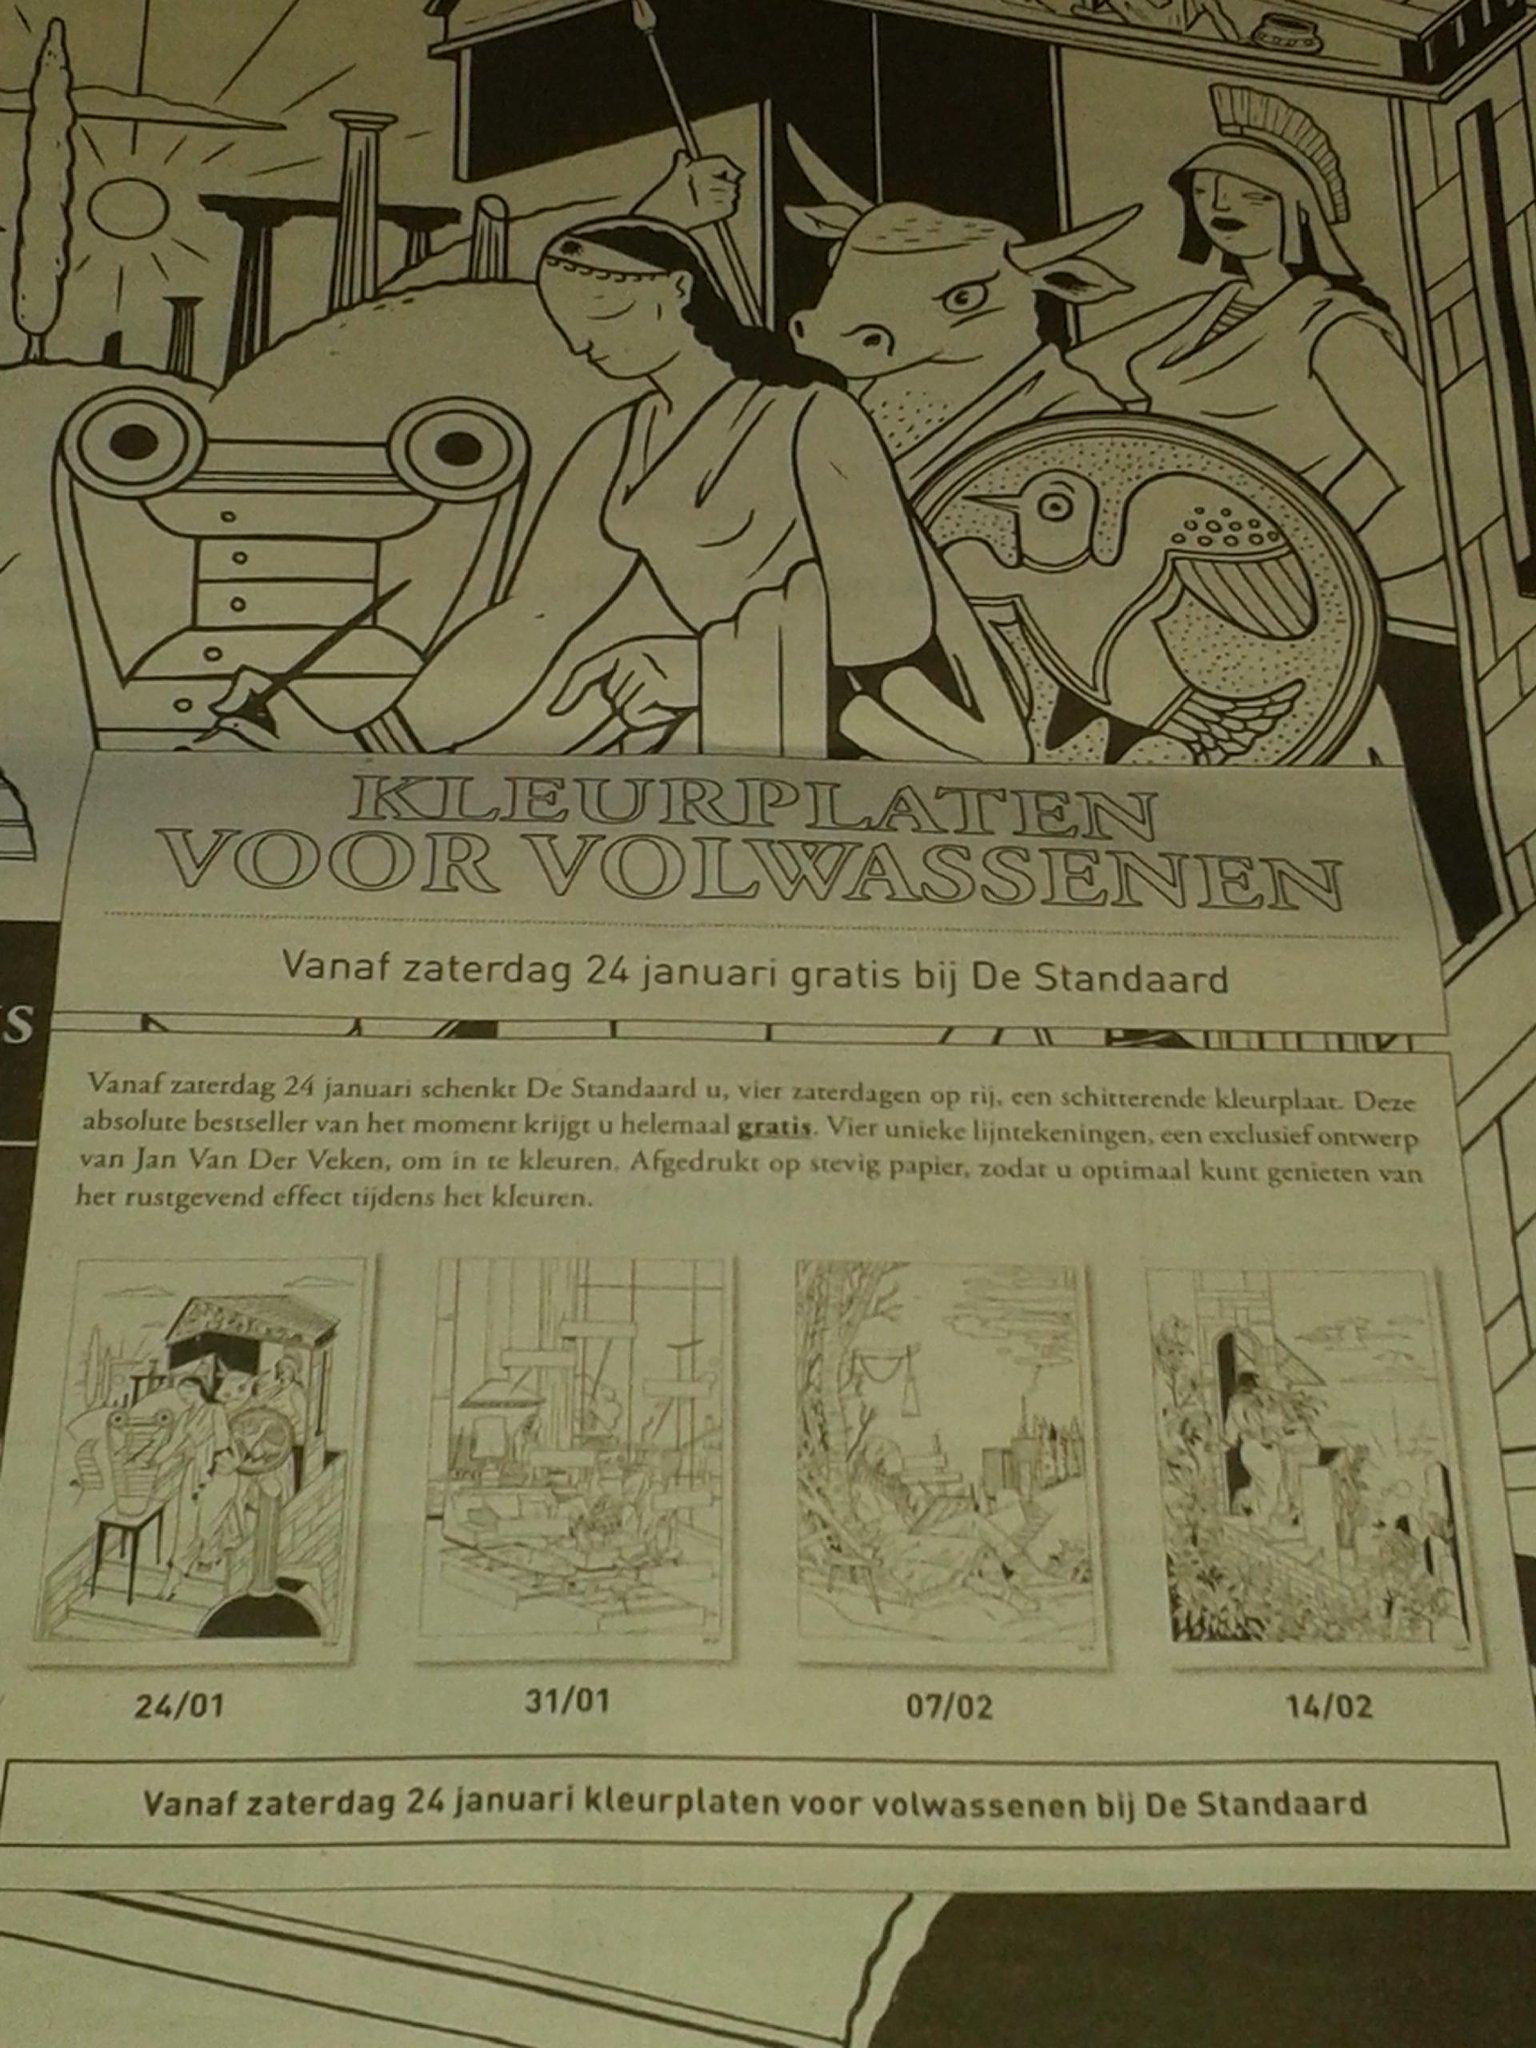 Kleurplaten Voor Volwassenen De Standaard.Peter Casteels On Twitter Vanaf Volgende Zaterdag Kleurplaten Voor